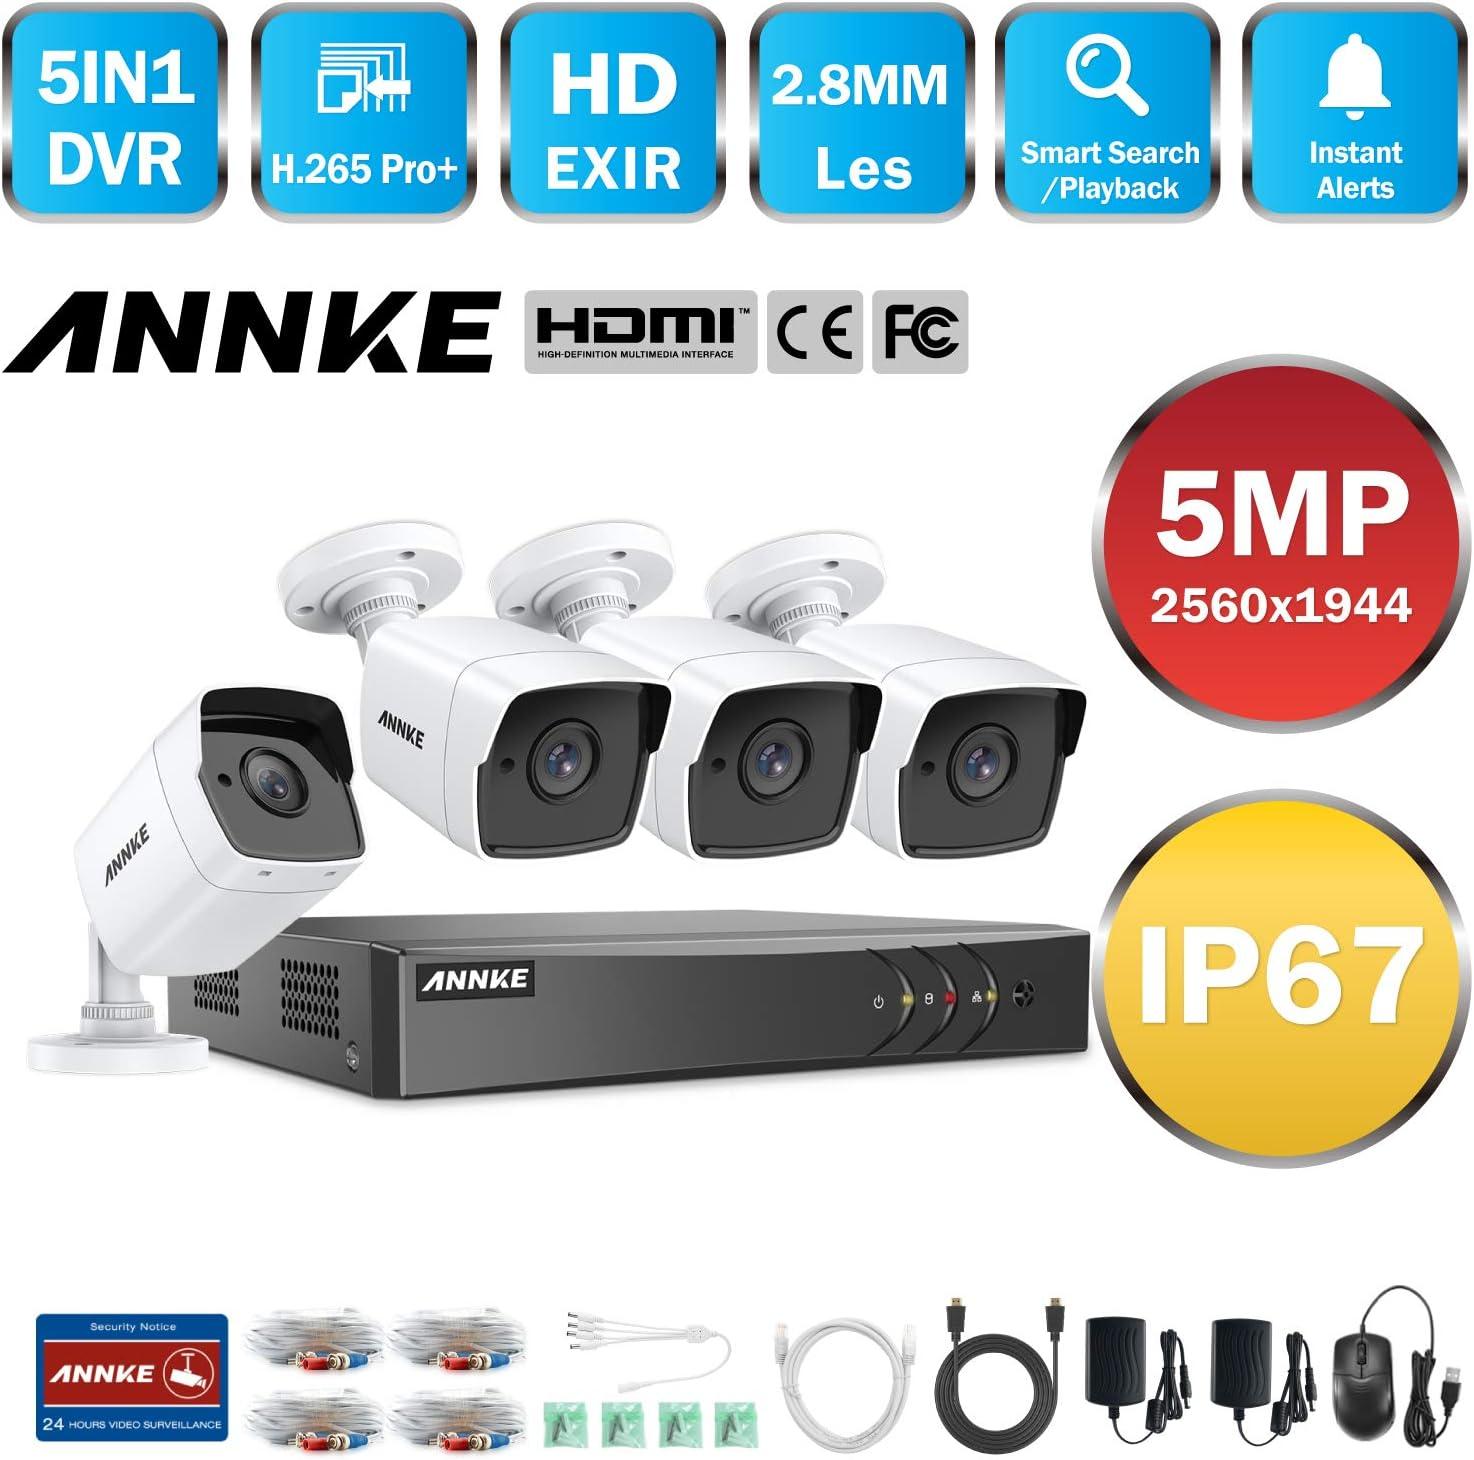 y 8/×5MP HD C/ámaras de vigilancia IP67 Impermeable Alerta por Correo electr/ónico con instant/áneas Acceso remoto-2TB HDD ANNKE Kit Sistema de Seguridad 8CH DVR Ultra HD 5MP Lite H.265Pro